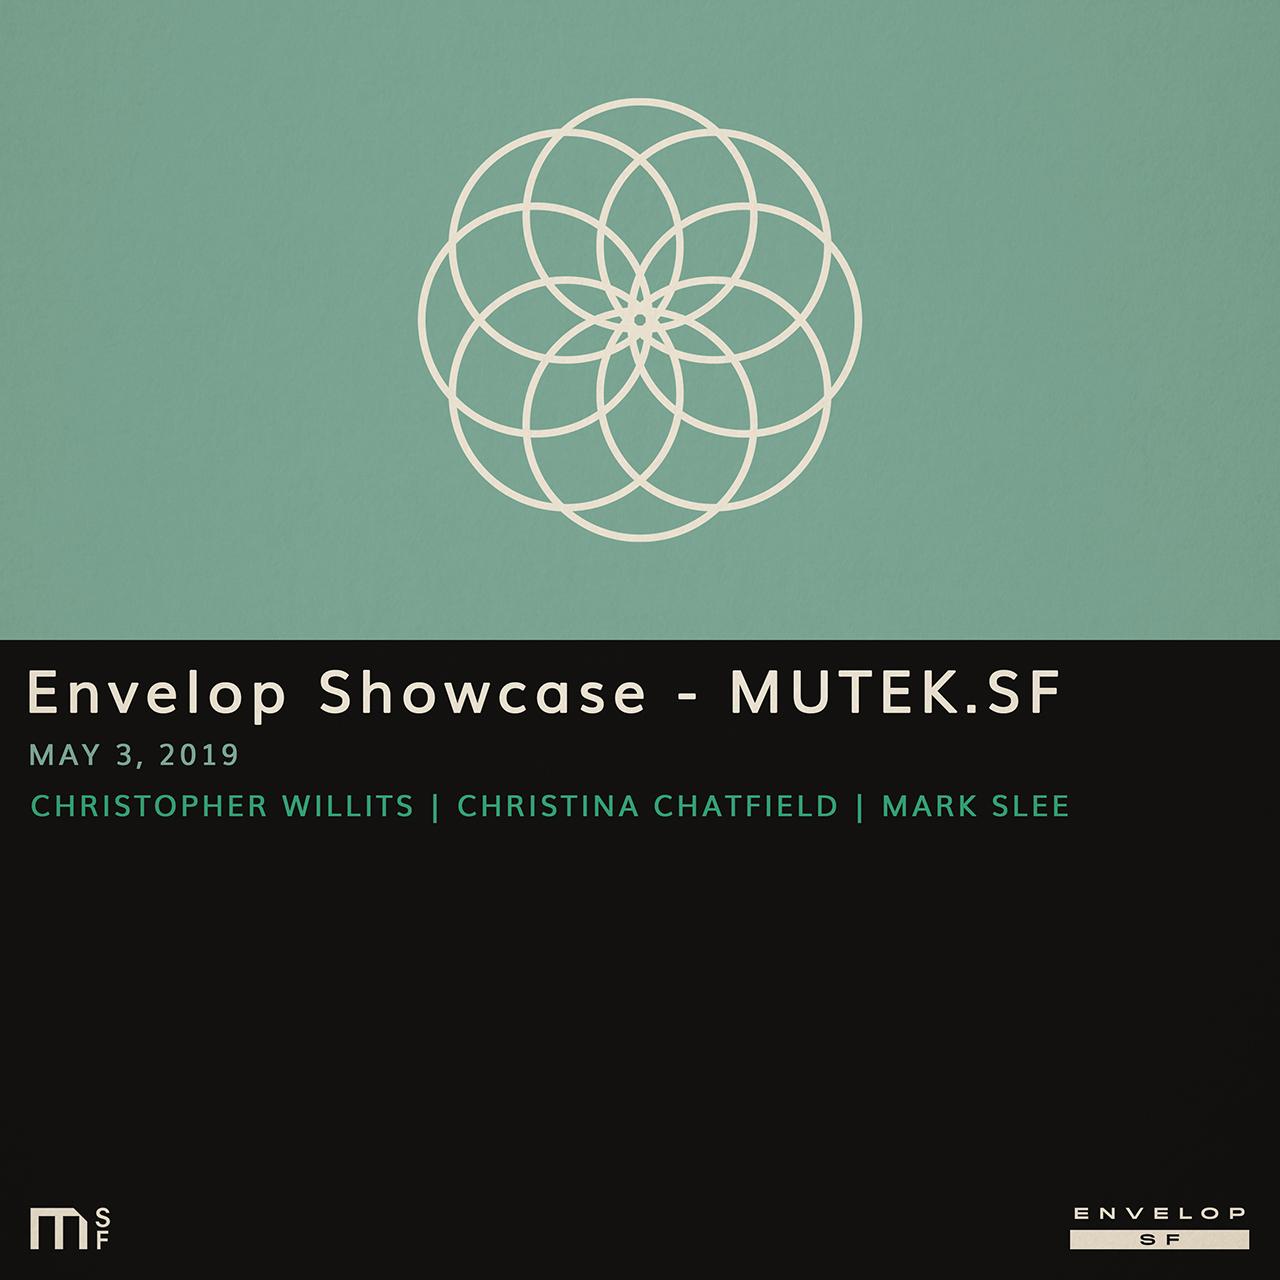 Envelop Showcase - MUTEK.SF - Fri May 3, 2019At Envelop SF12:30 PM doors | 1 PM startChristopher WillitsChristina ChatfieldMark SleeTickets